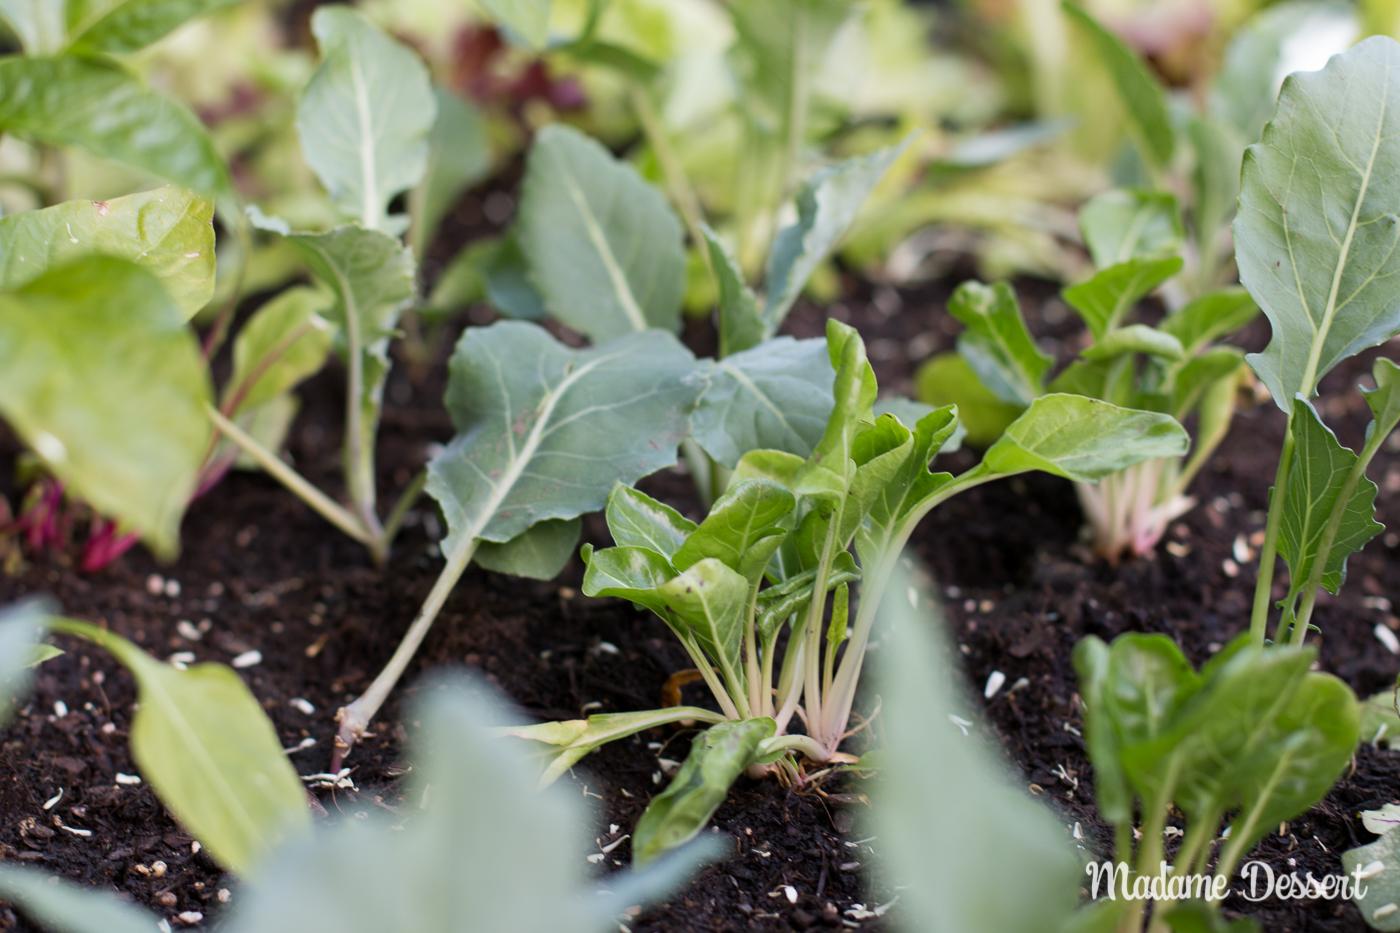 Gemüsegarten 2.0 – Bauanleitung für dein eigenes Hochbeet | Madame Dessert